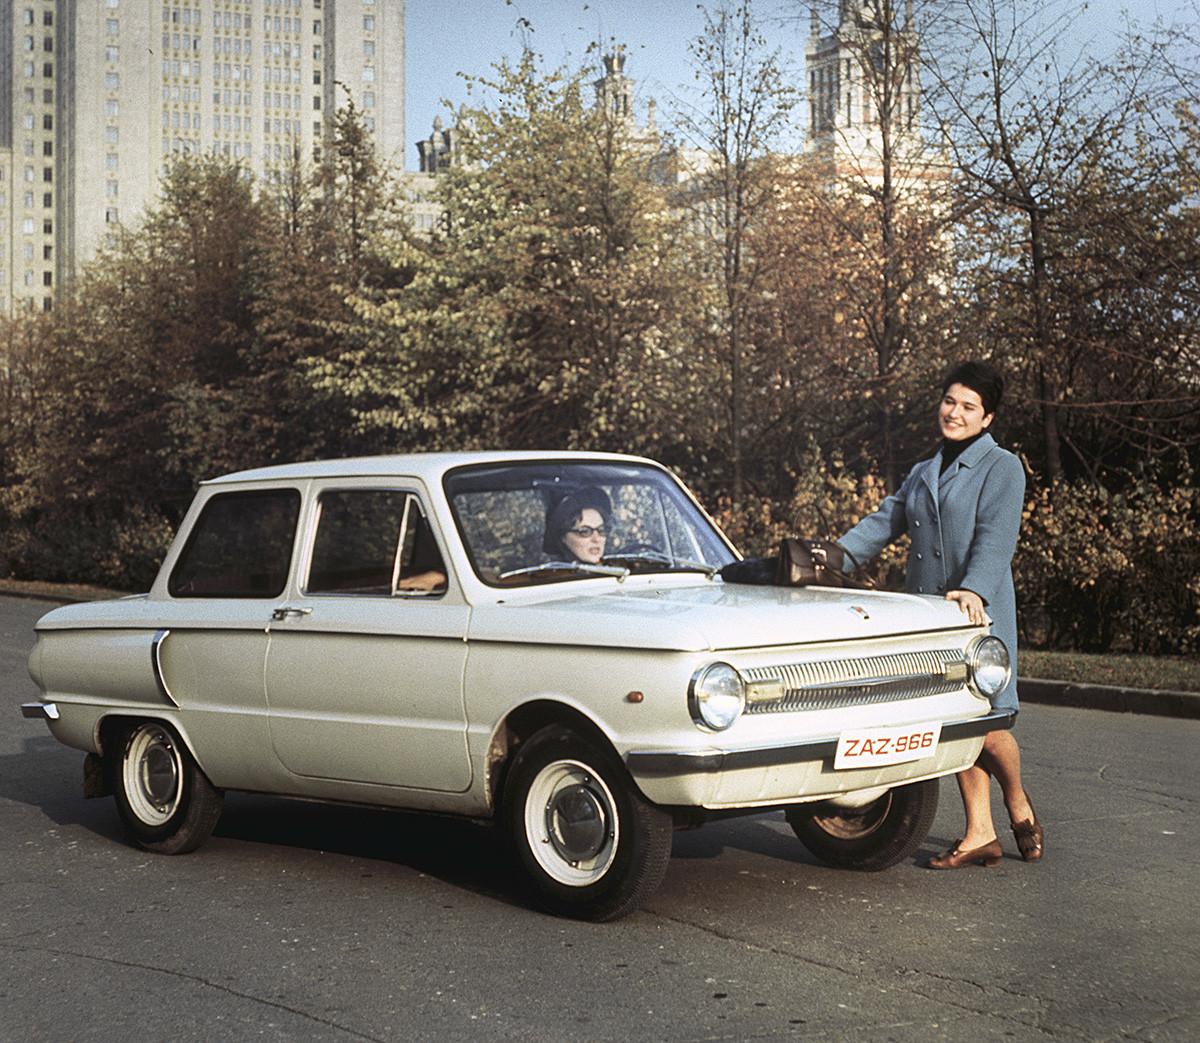 Легковой автомобиль ЗАЗ-966 («Запорожец») Запорожского автомобильного завода, 1970